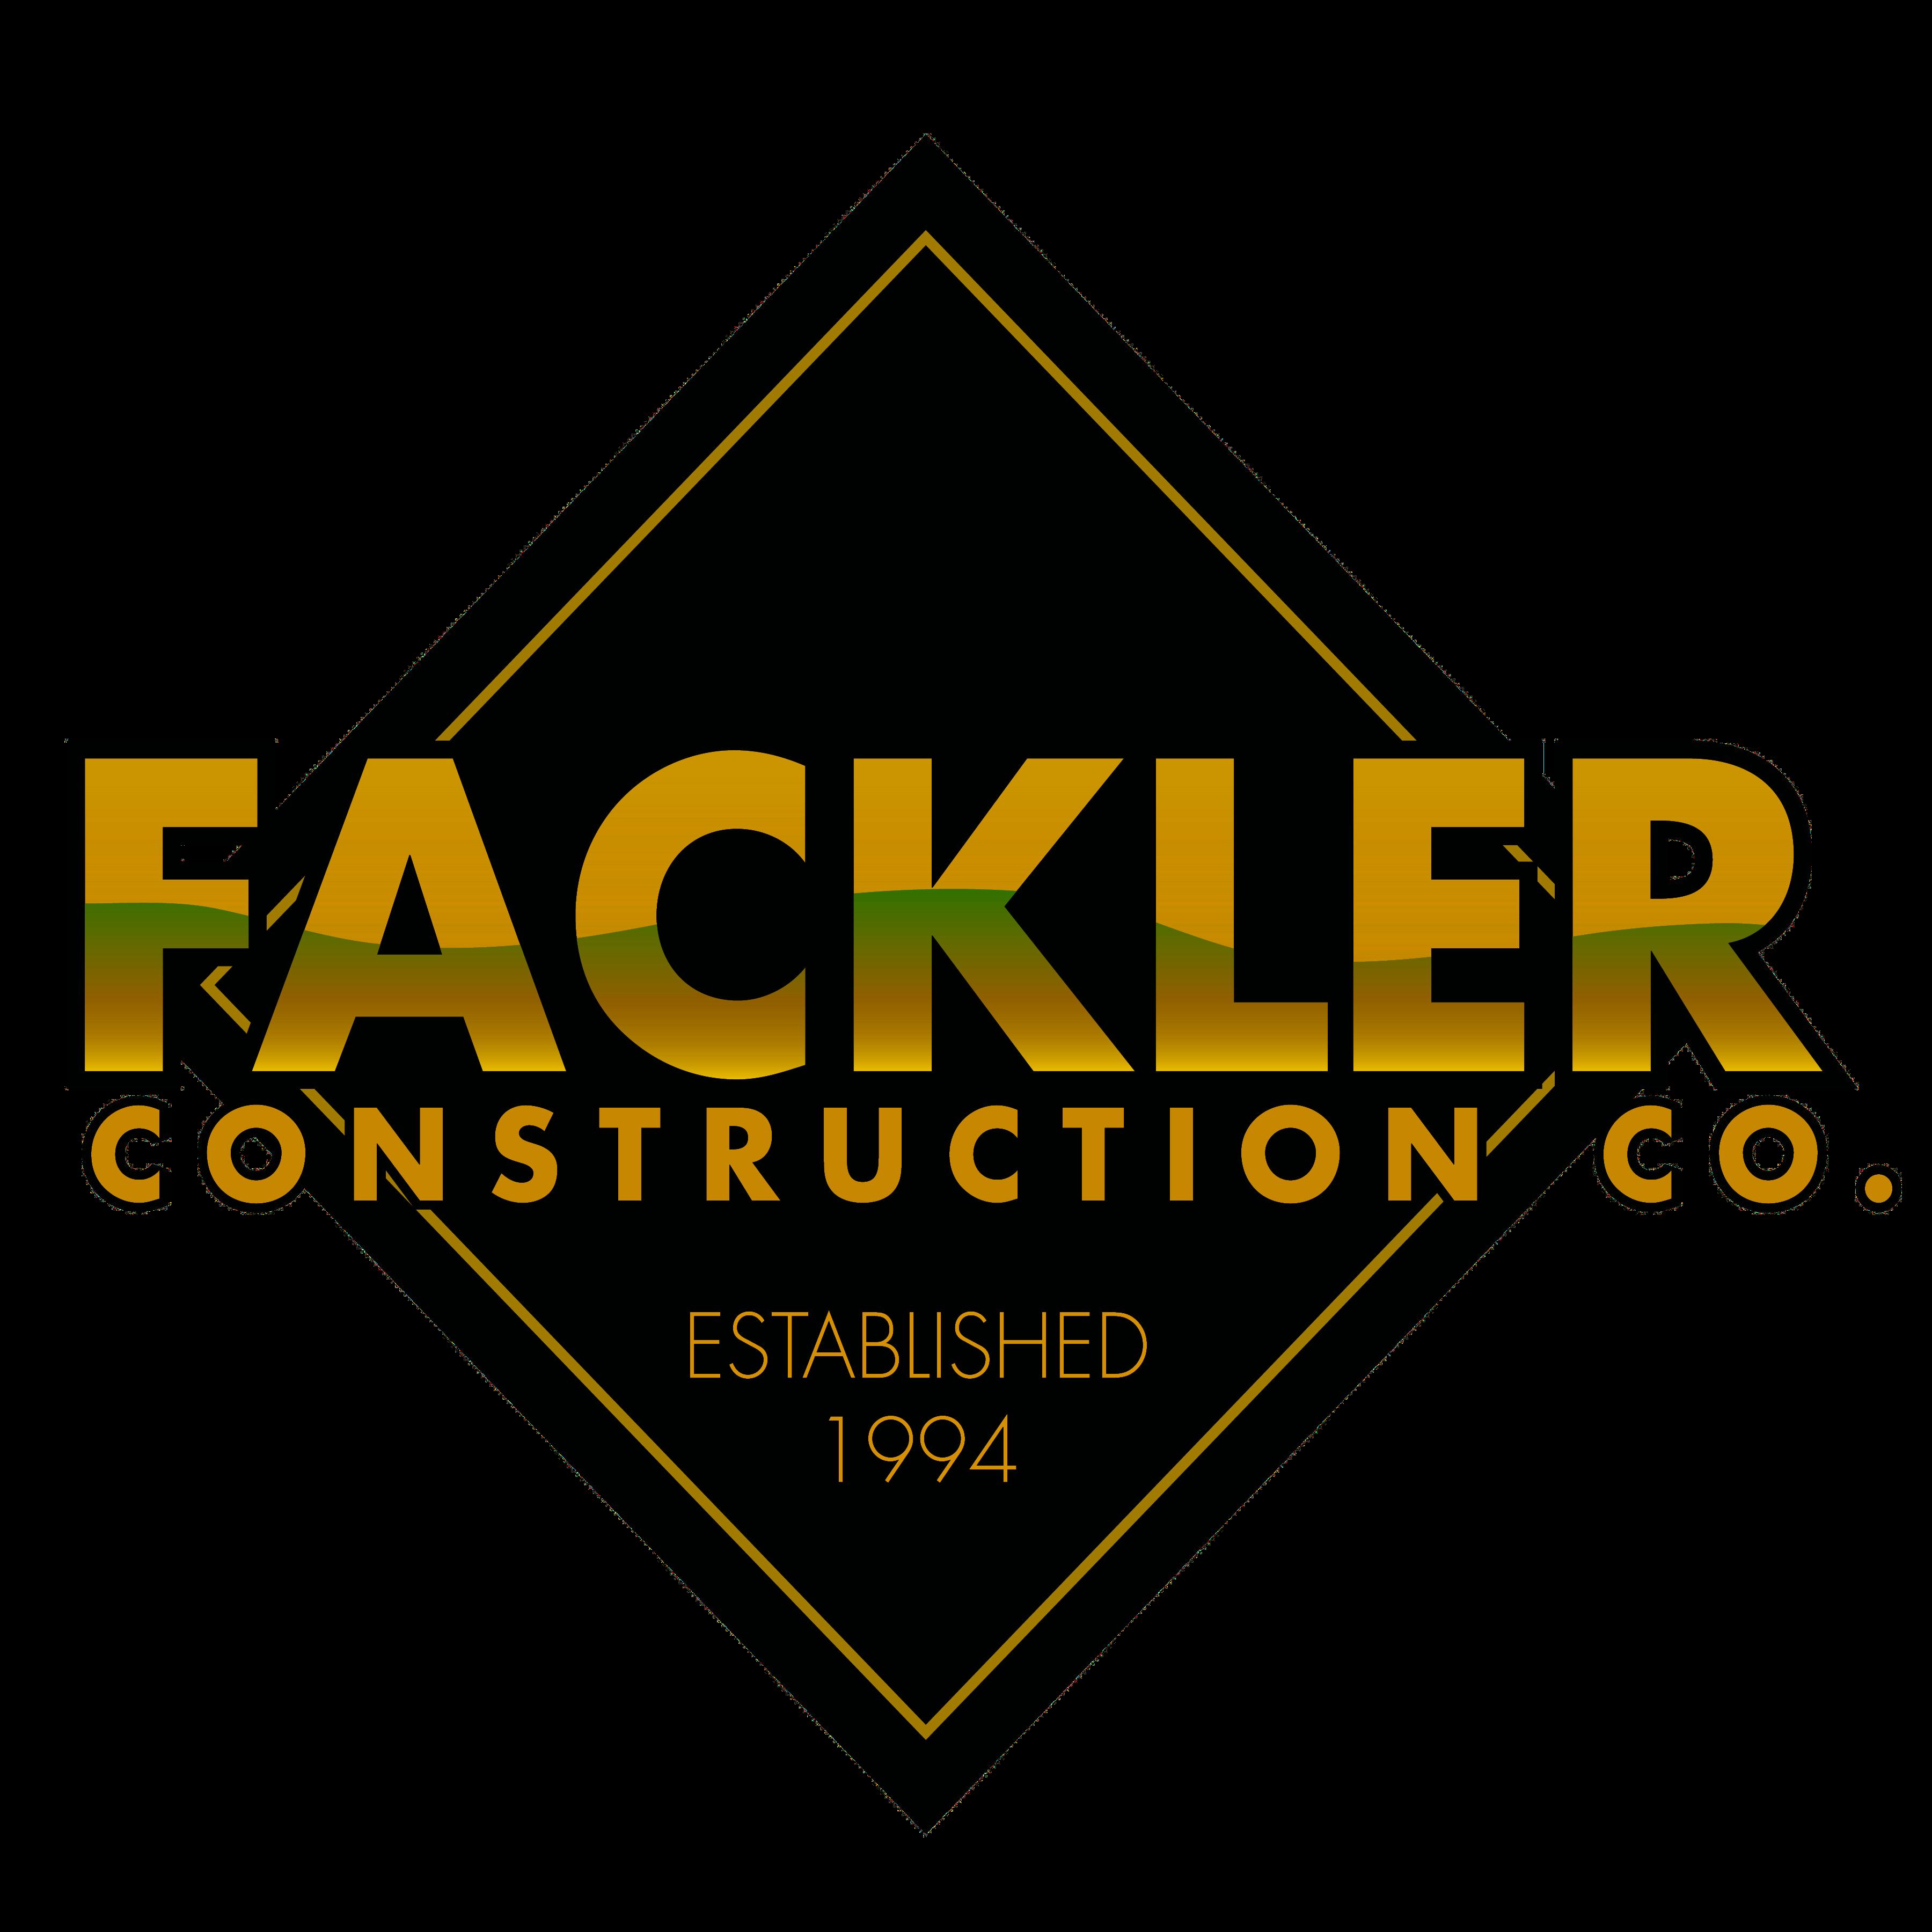 fackler construction co. logo